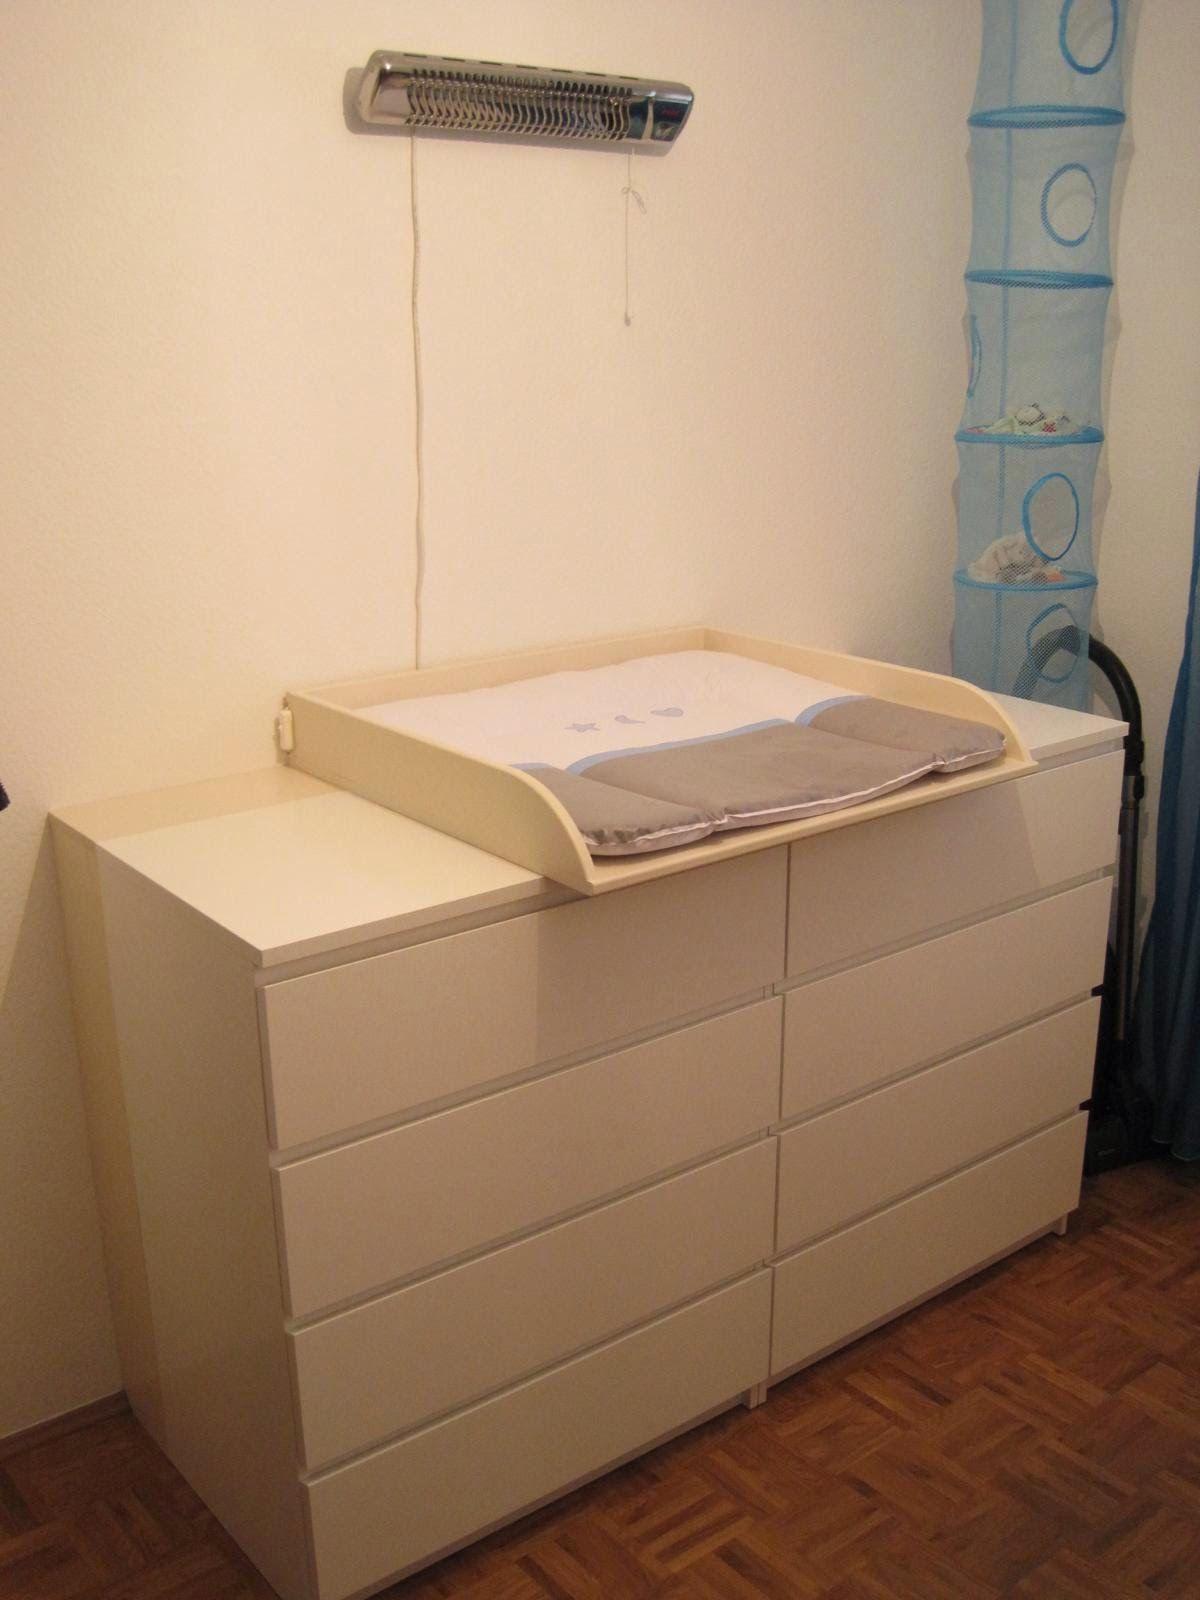 Basti S Holzpage Wickeltisch Wickeltisch Ikea Babyzimmer Wickeltisch Ikea